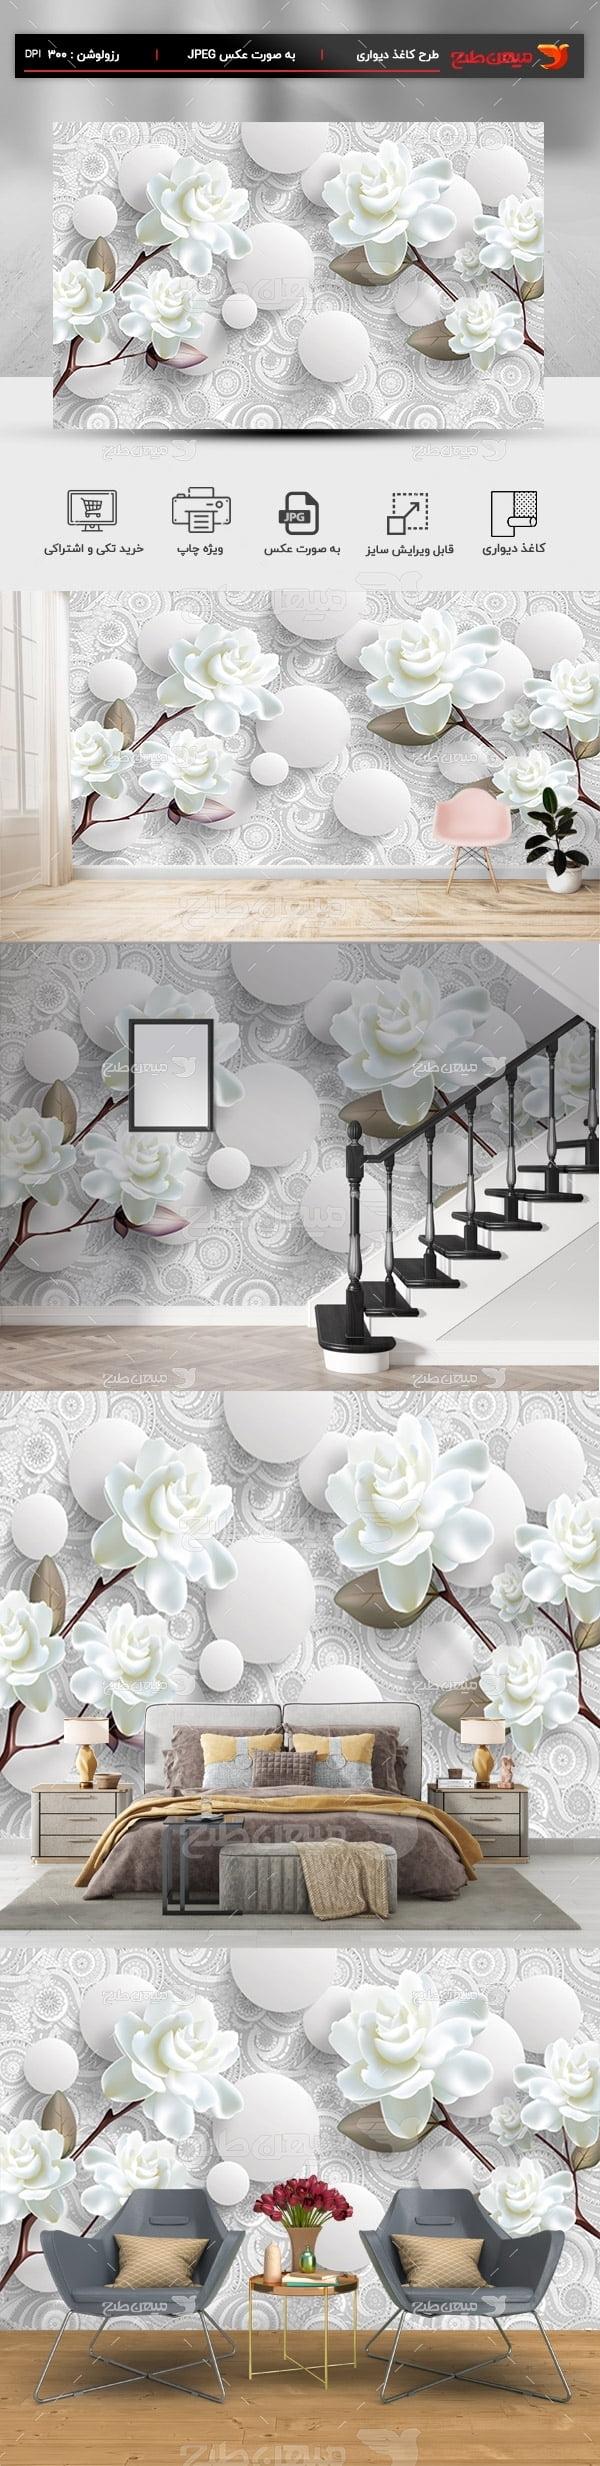 پوستر کاغذ دیواری سه بعدی خاکستری با گل سفید